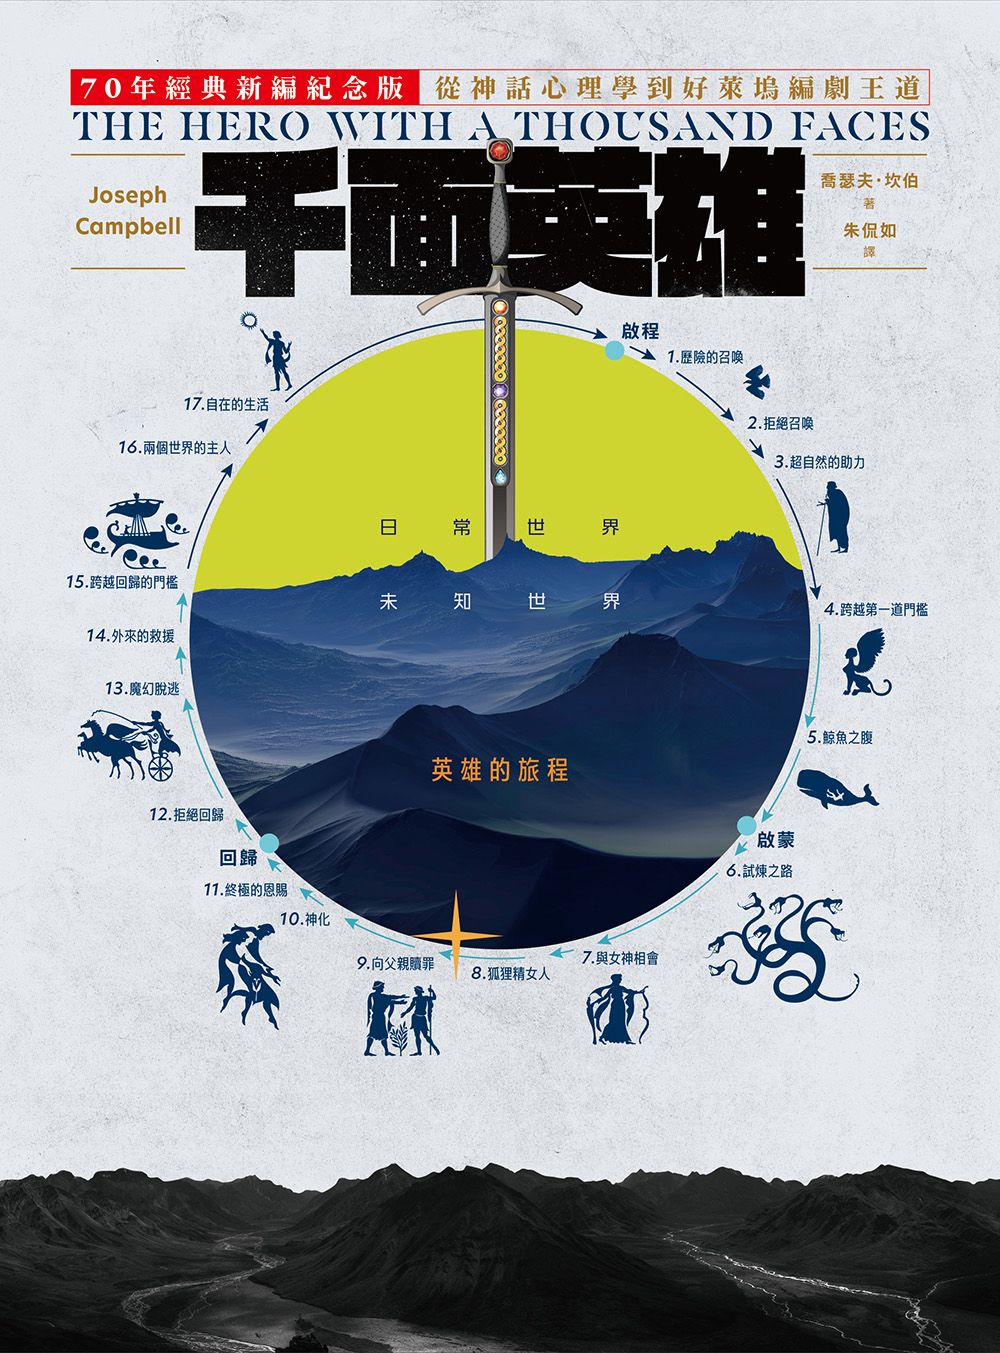 千面英雄:70年經典新編紀念版,從神話心理學到好萊塢編劇王道 (電子書)